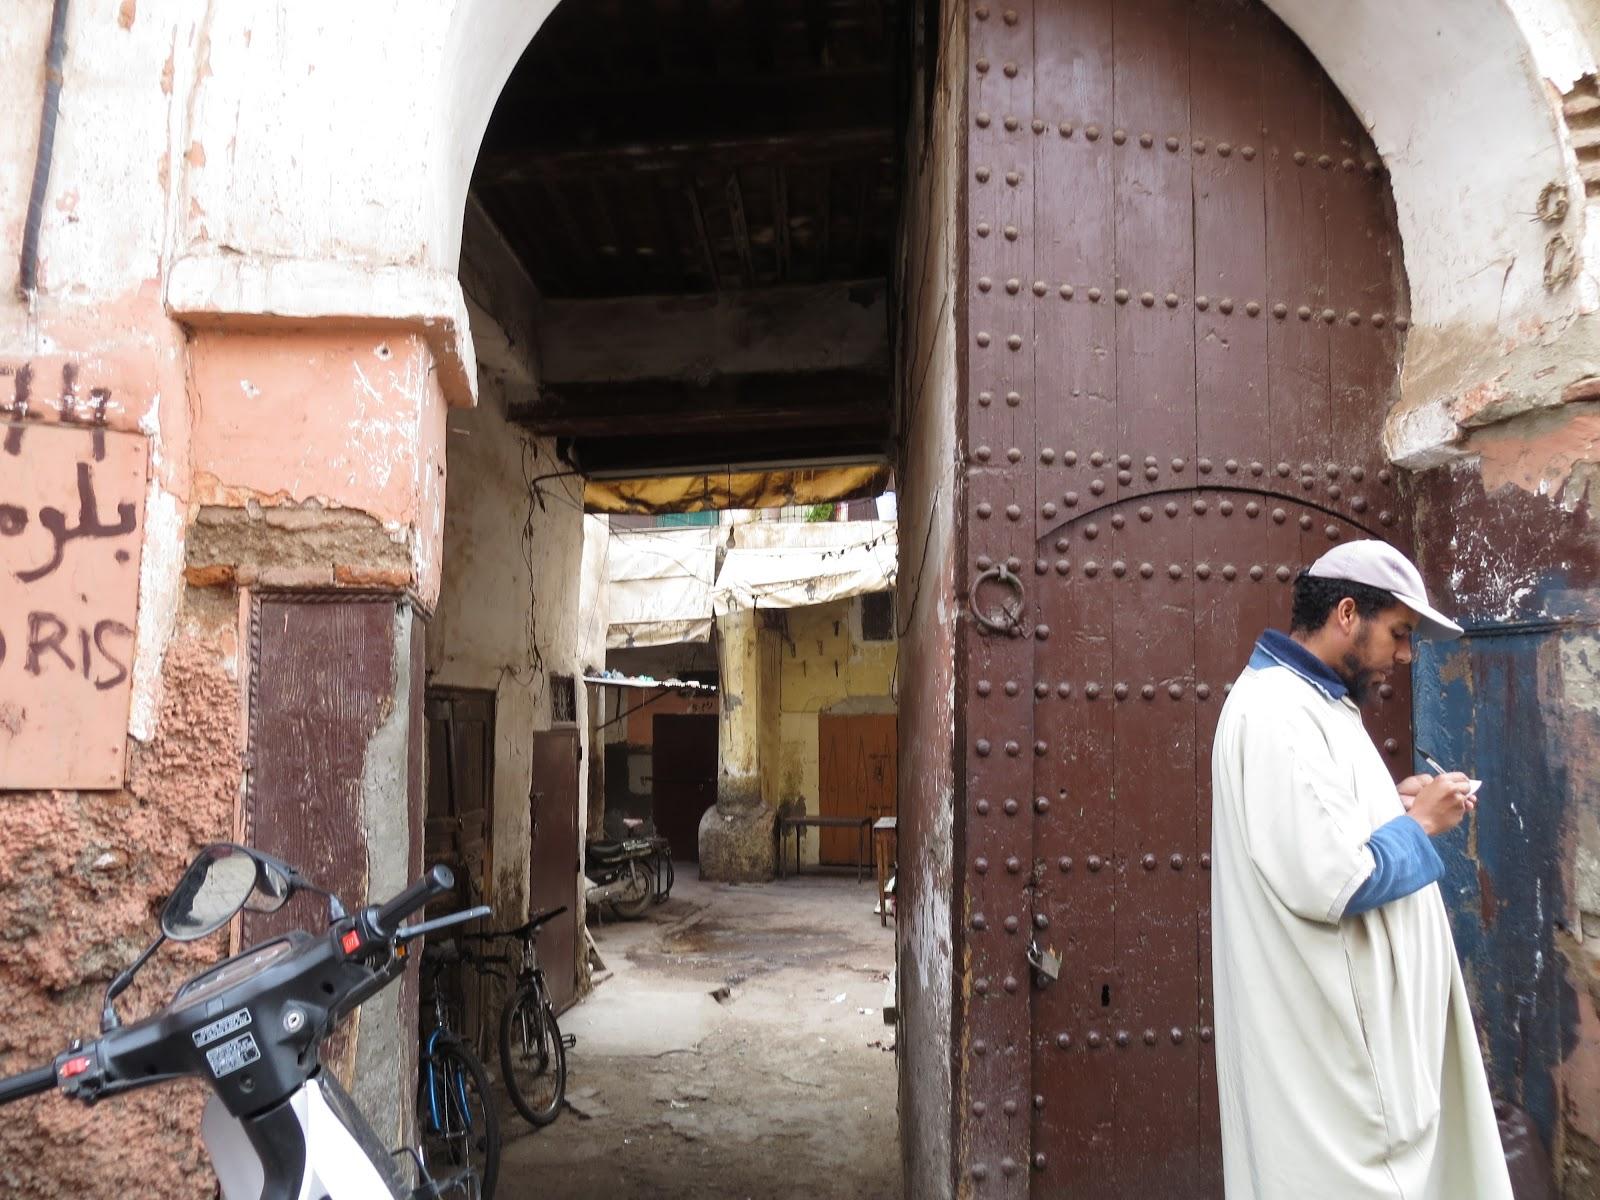 viaggiare per culture: Marrakech, e dintorni, dic. '12 - (1)